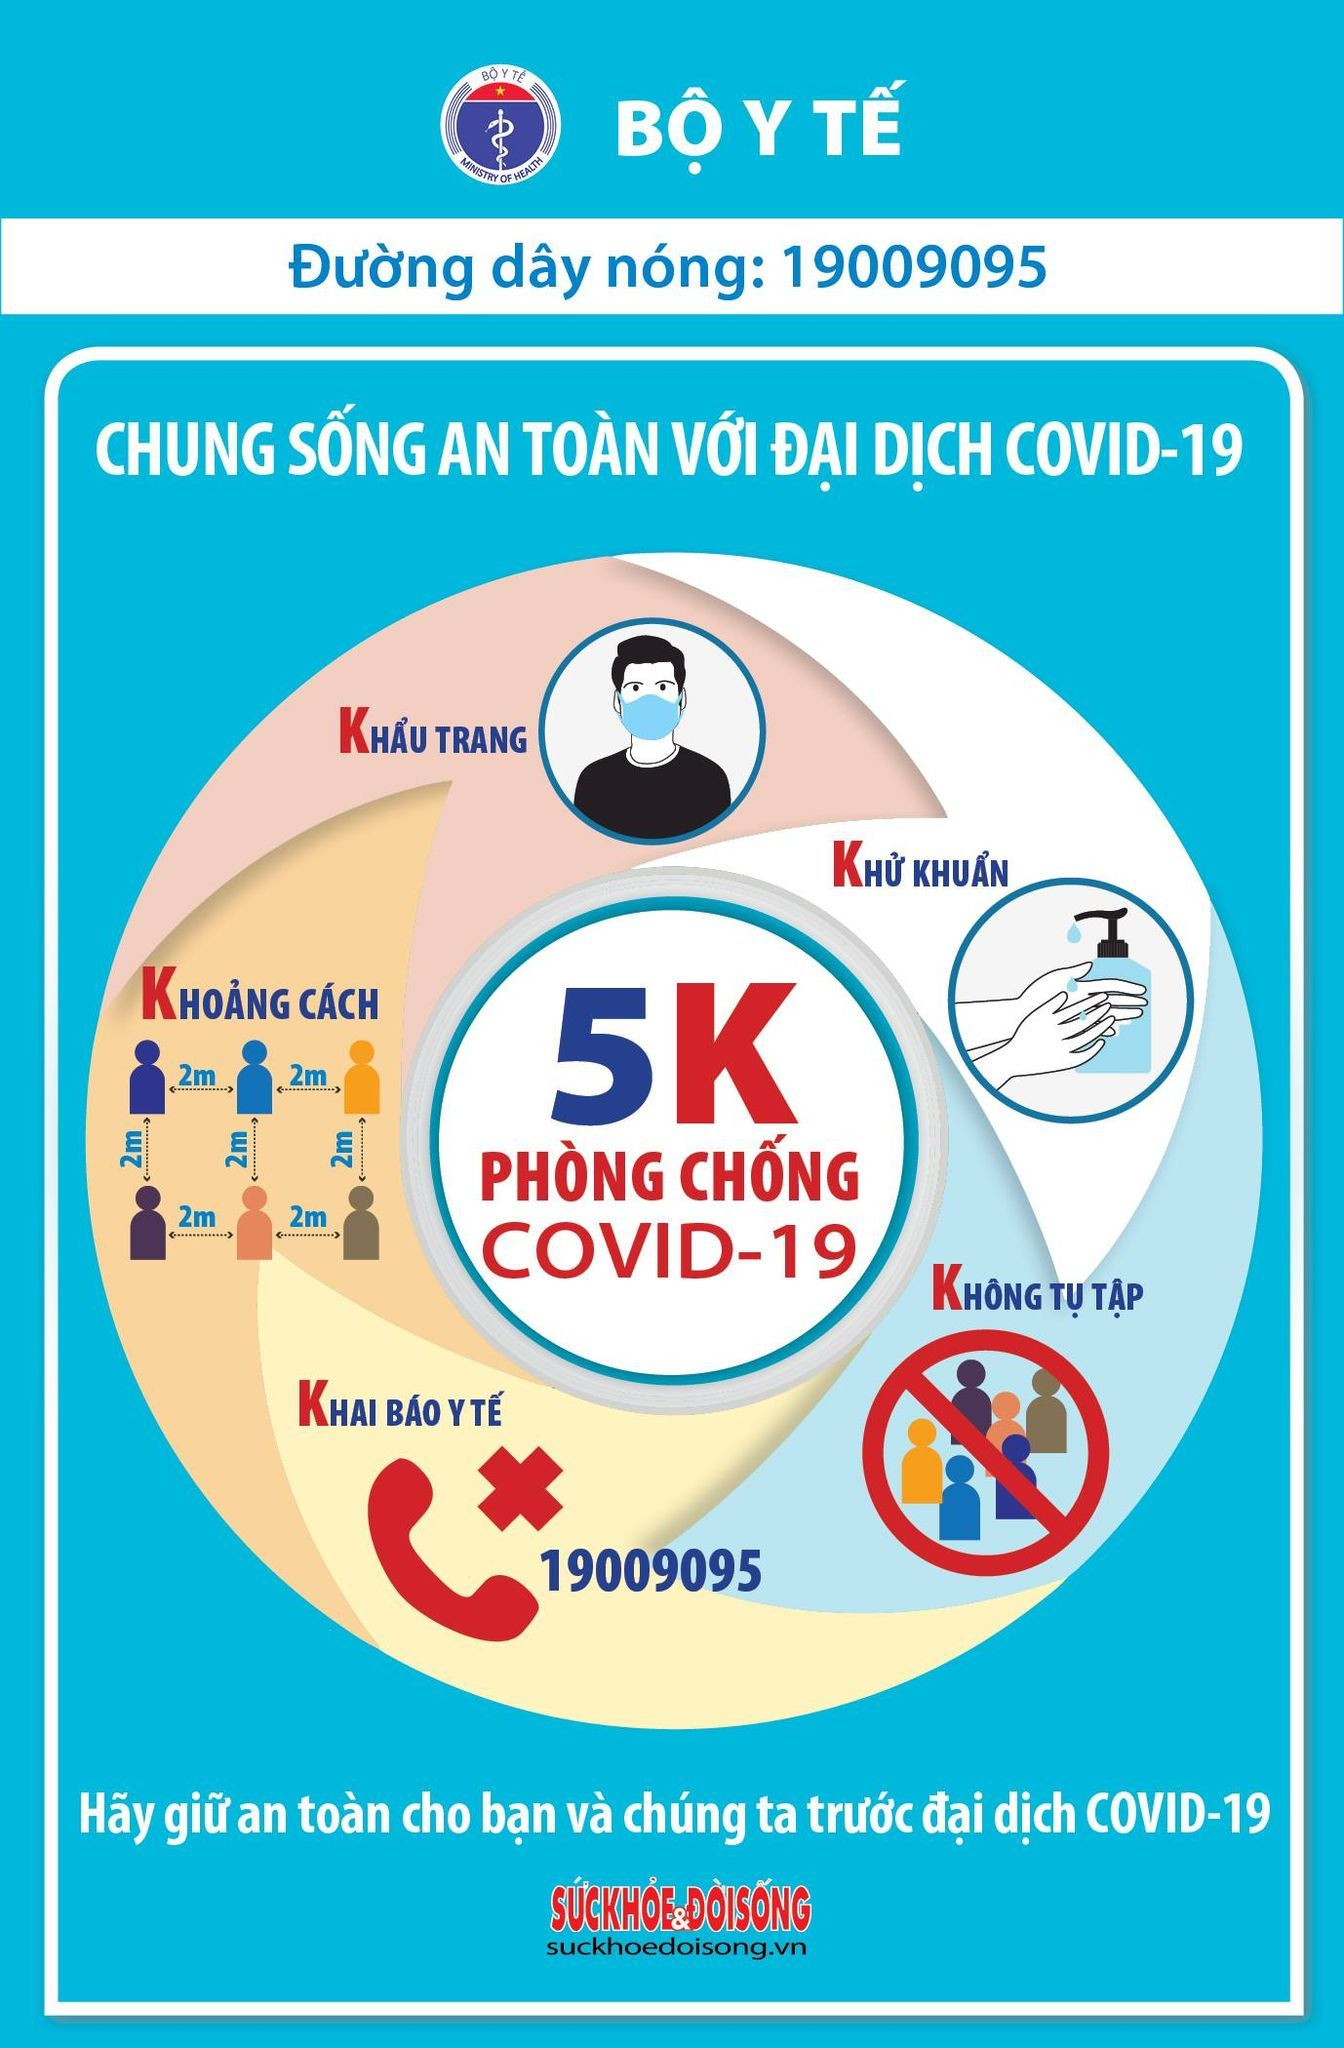 Hưng Yên: Ca COVID-19 mới xét nghiệm lần 5 cho kết quả dương tính